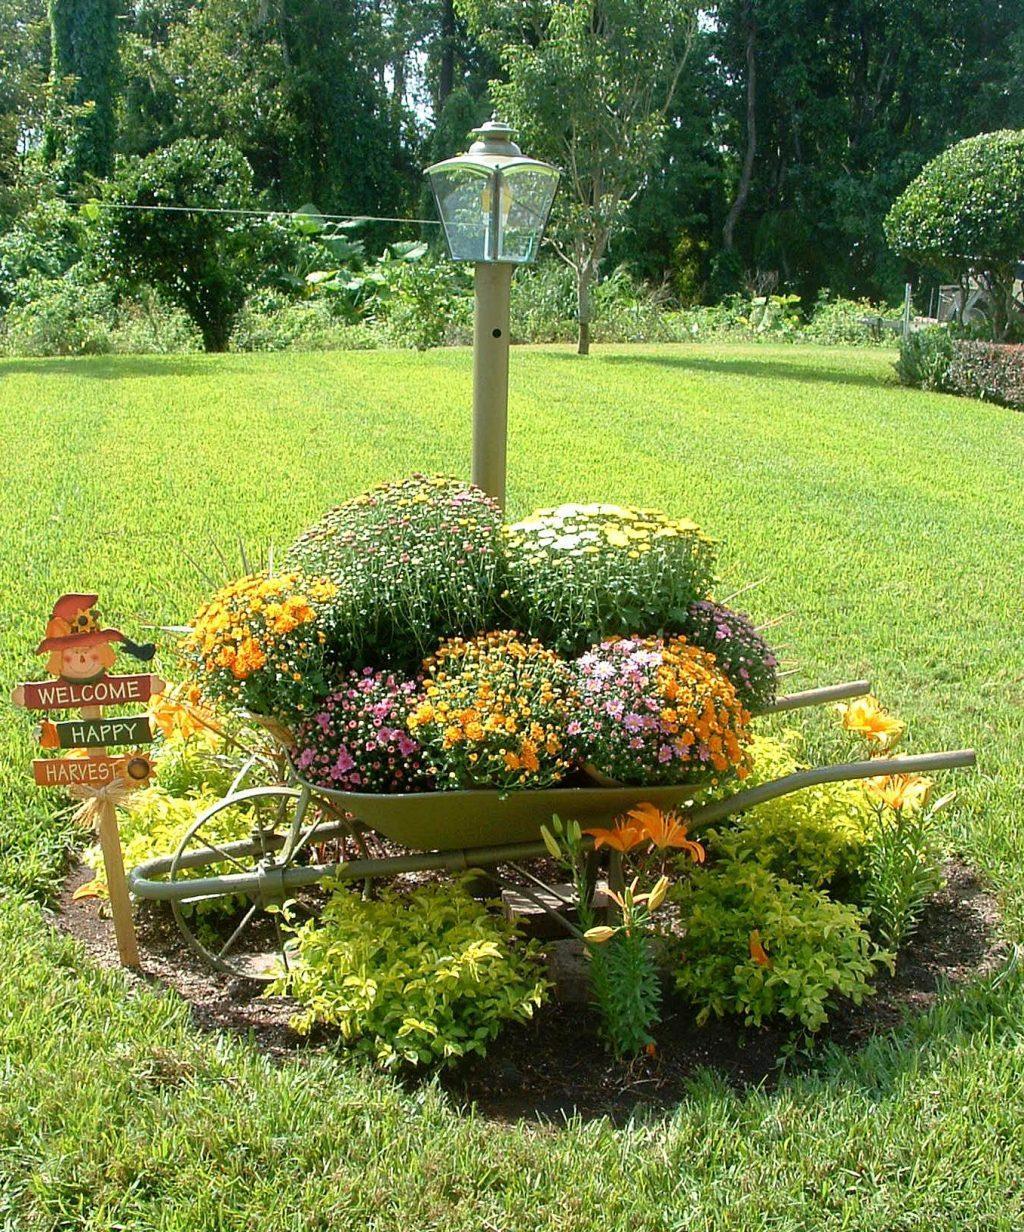 Hình ảnh tiểu cảnh sân vườn cây hoa